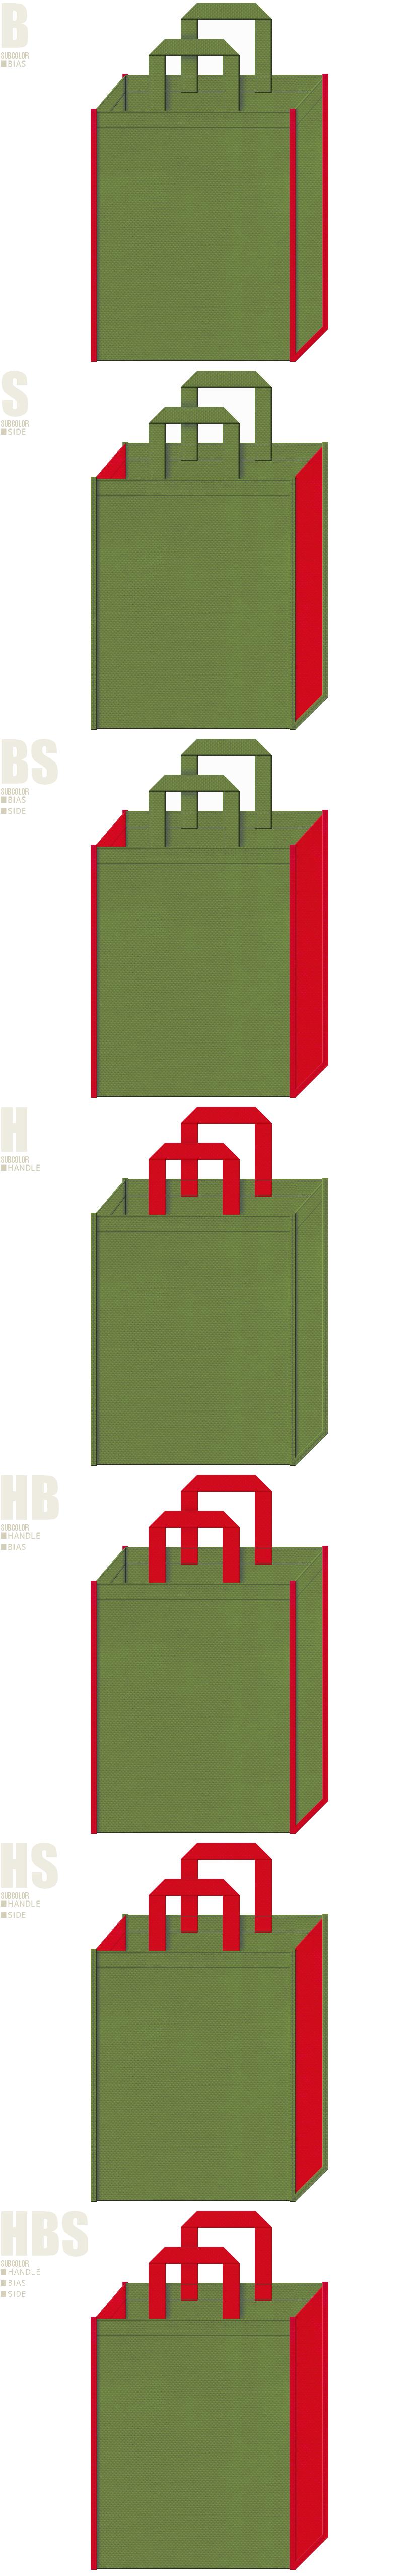 五月人形・鎧・兜・野点傘・番傘・茶会・琴・お城イベント・和風催事にお奨めの不織布バッグデザイン:草色と紅色の不織布配色7パターン